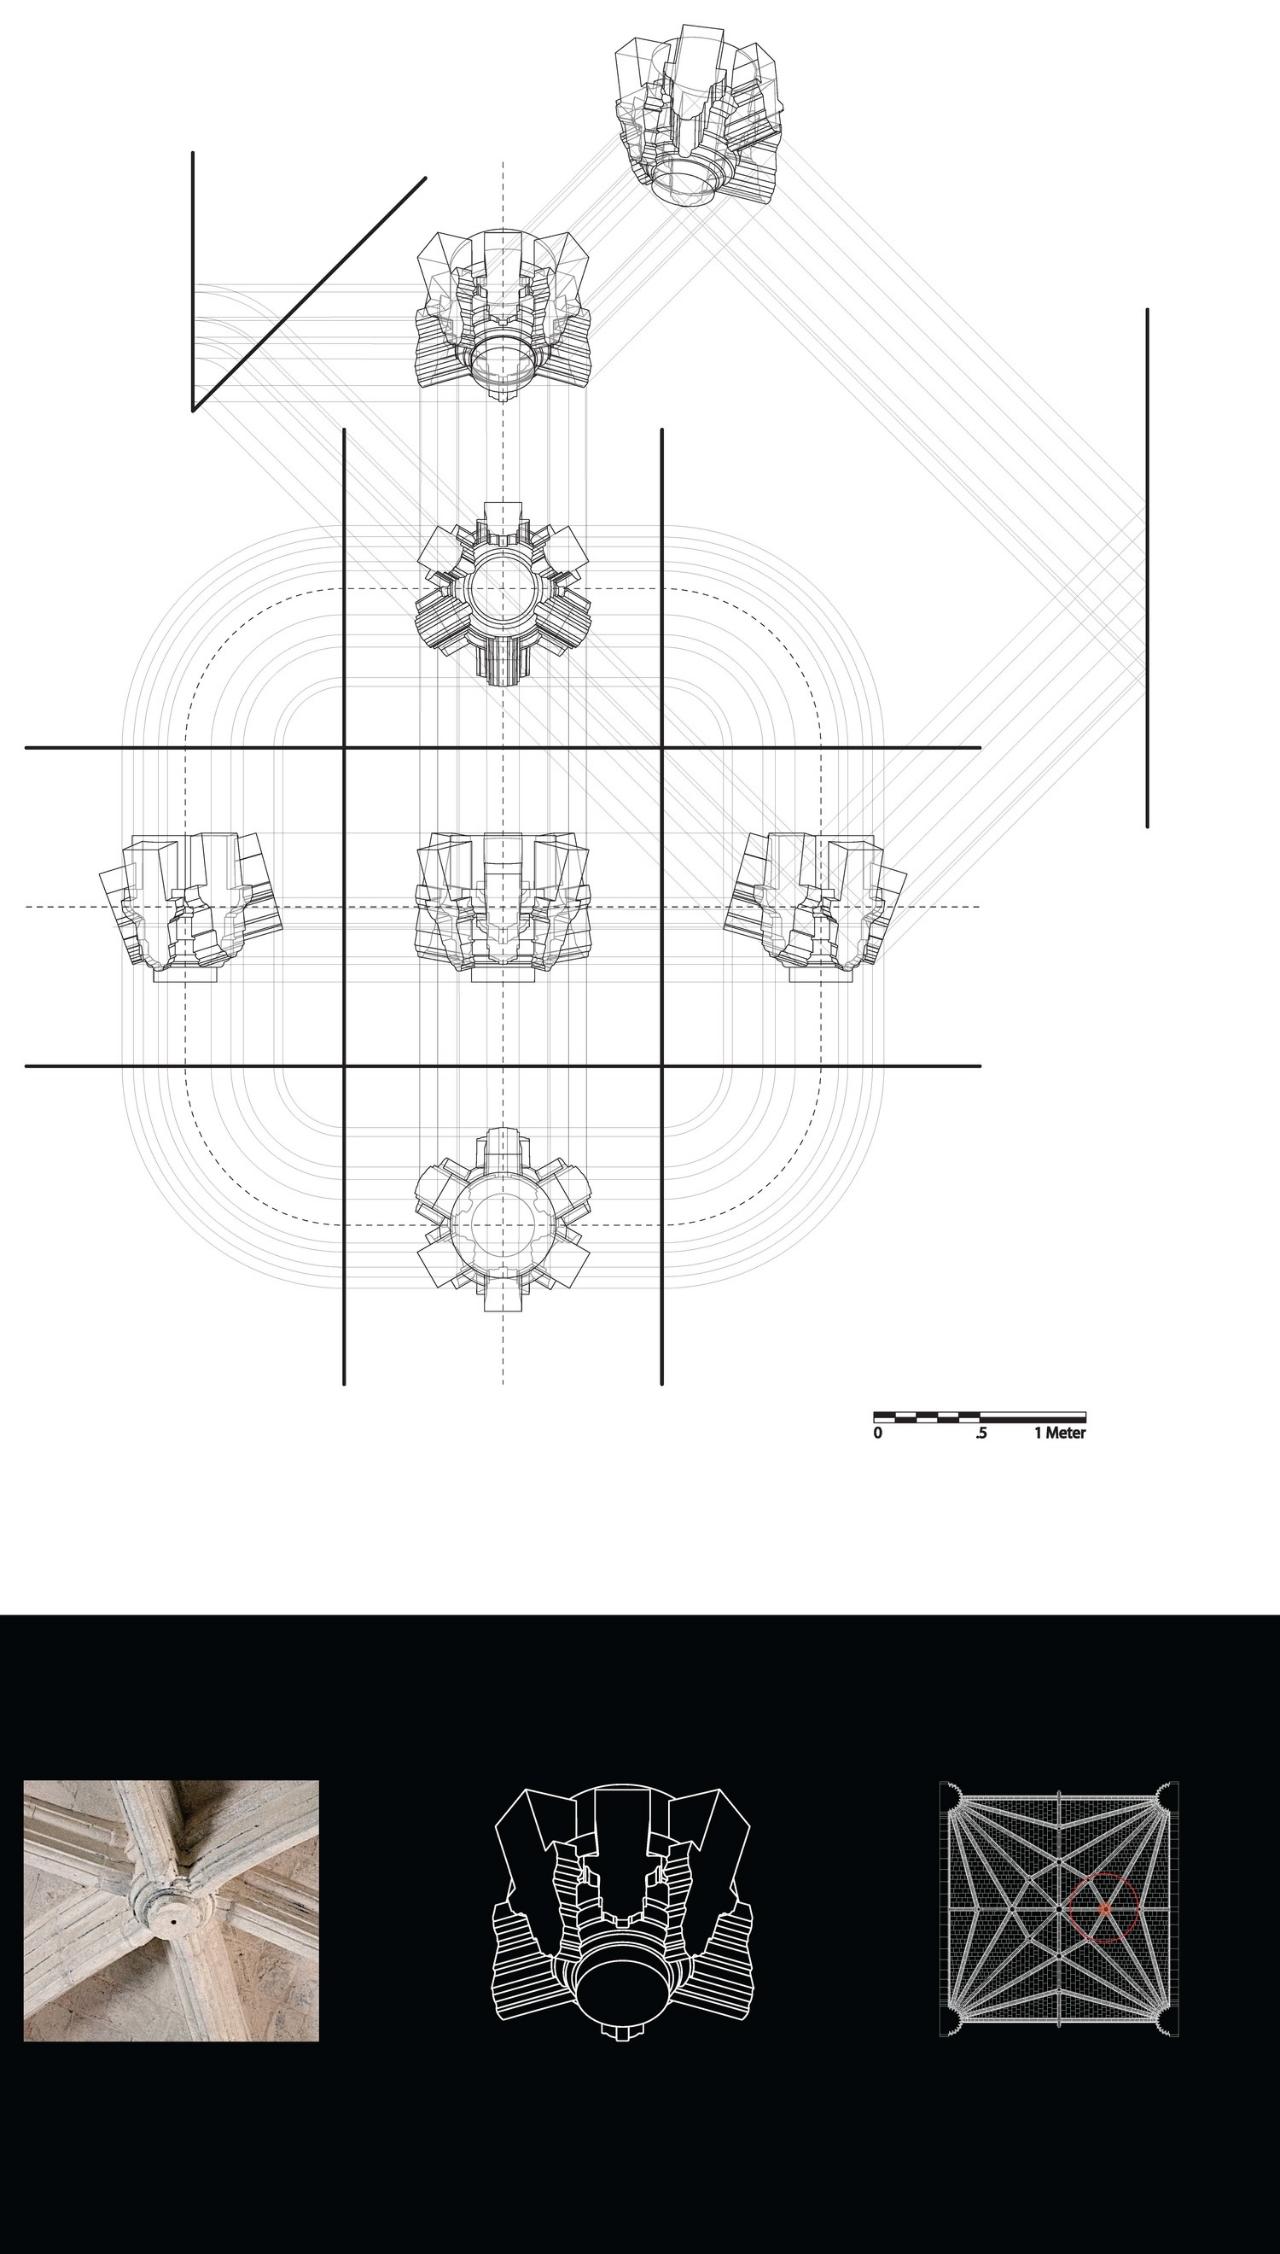 metodologia_Page_02.jpg